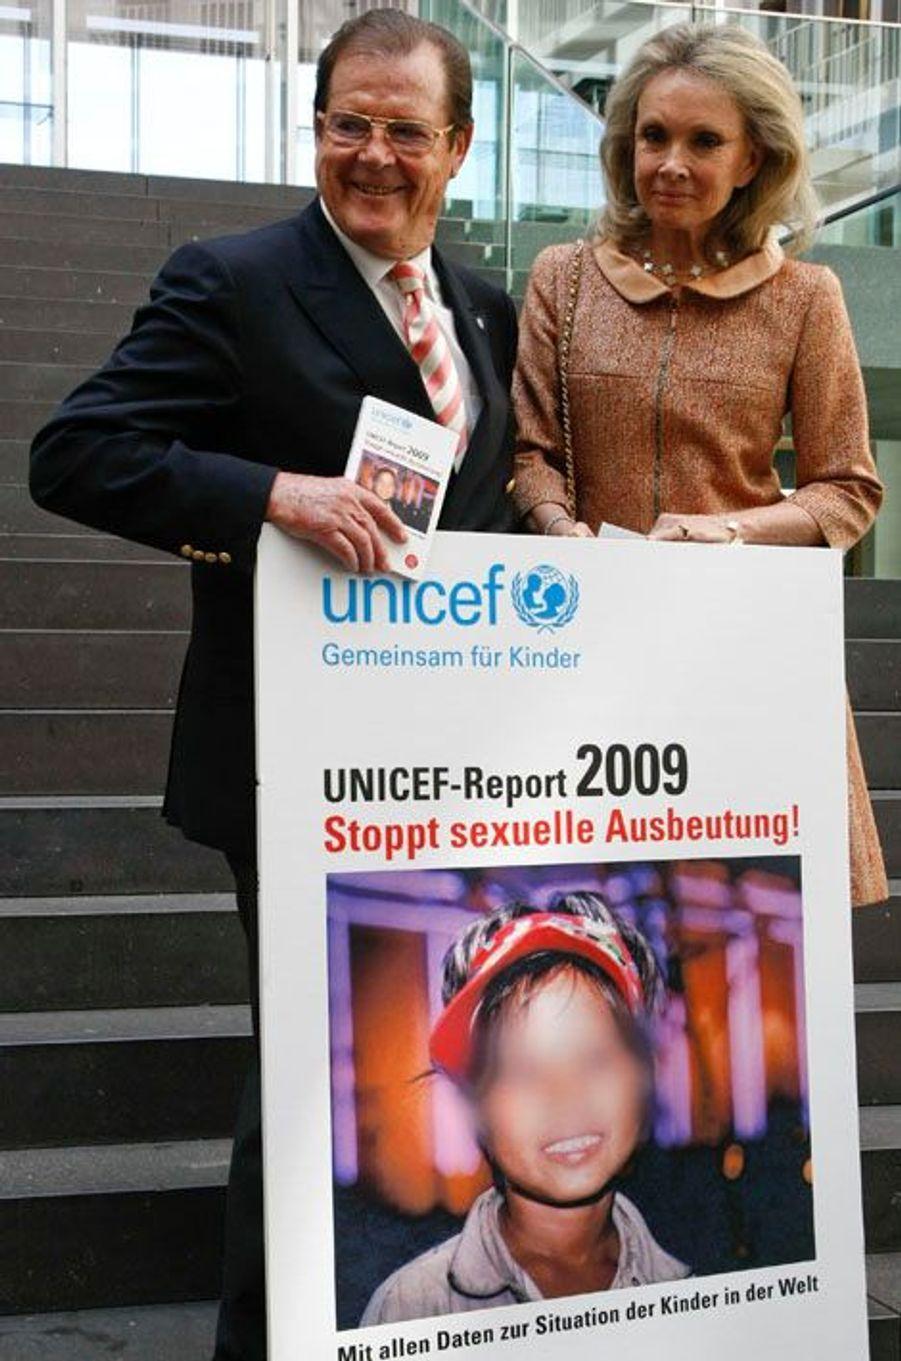 Roger Moore contre les abus sexuels sur les enfants, en 2009